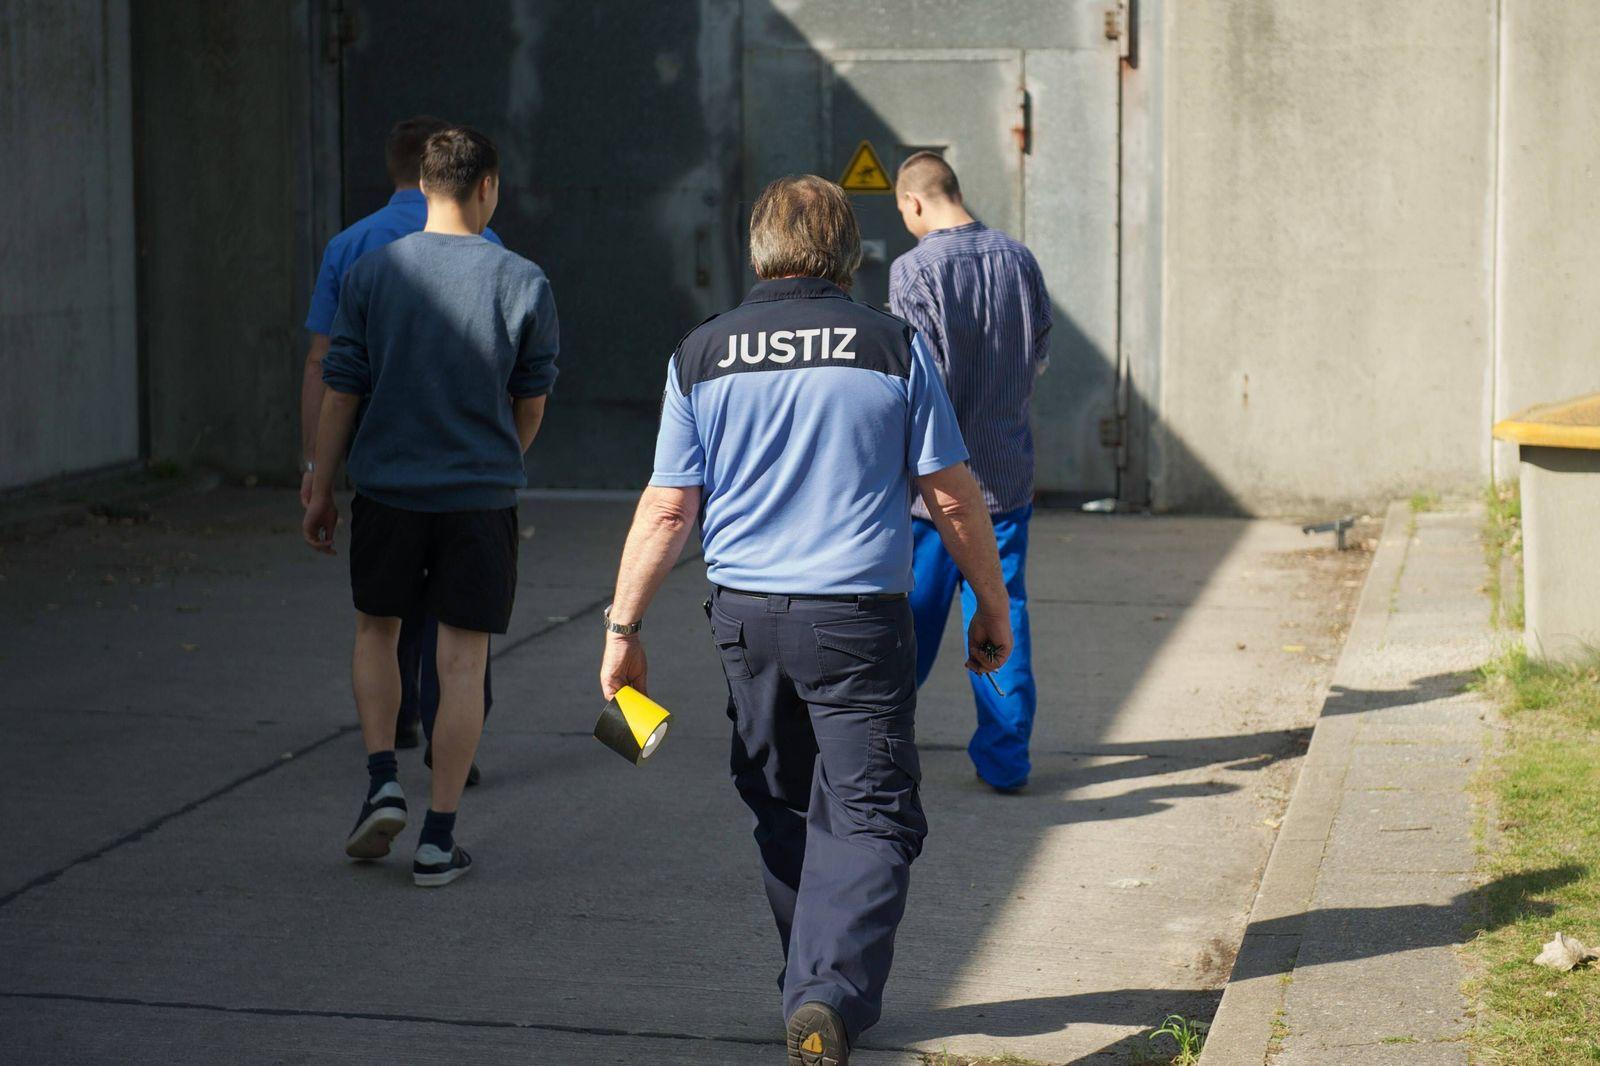 Berlin Jugendgefaengnis Ploetzensee Jugendgefaengnis Ploetzensee 18 9 2012 Berlin